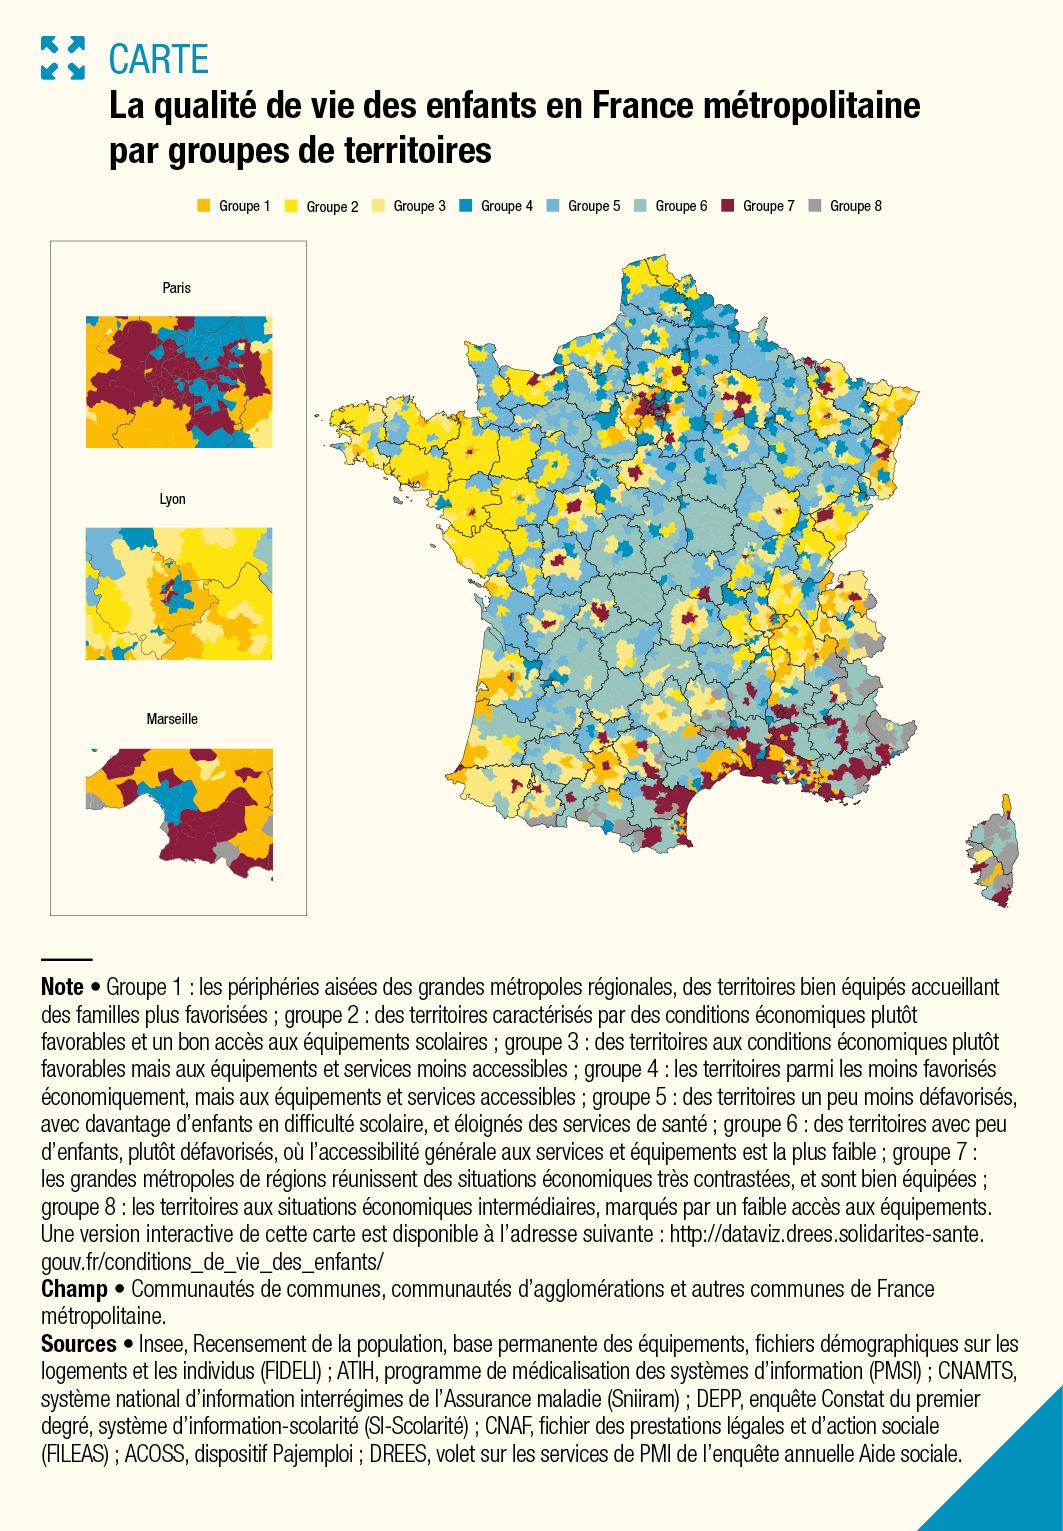 Cartographie De La Qualité De Vie Des Enfants En France encequiconcerne Carte De France Pour Les Enfants